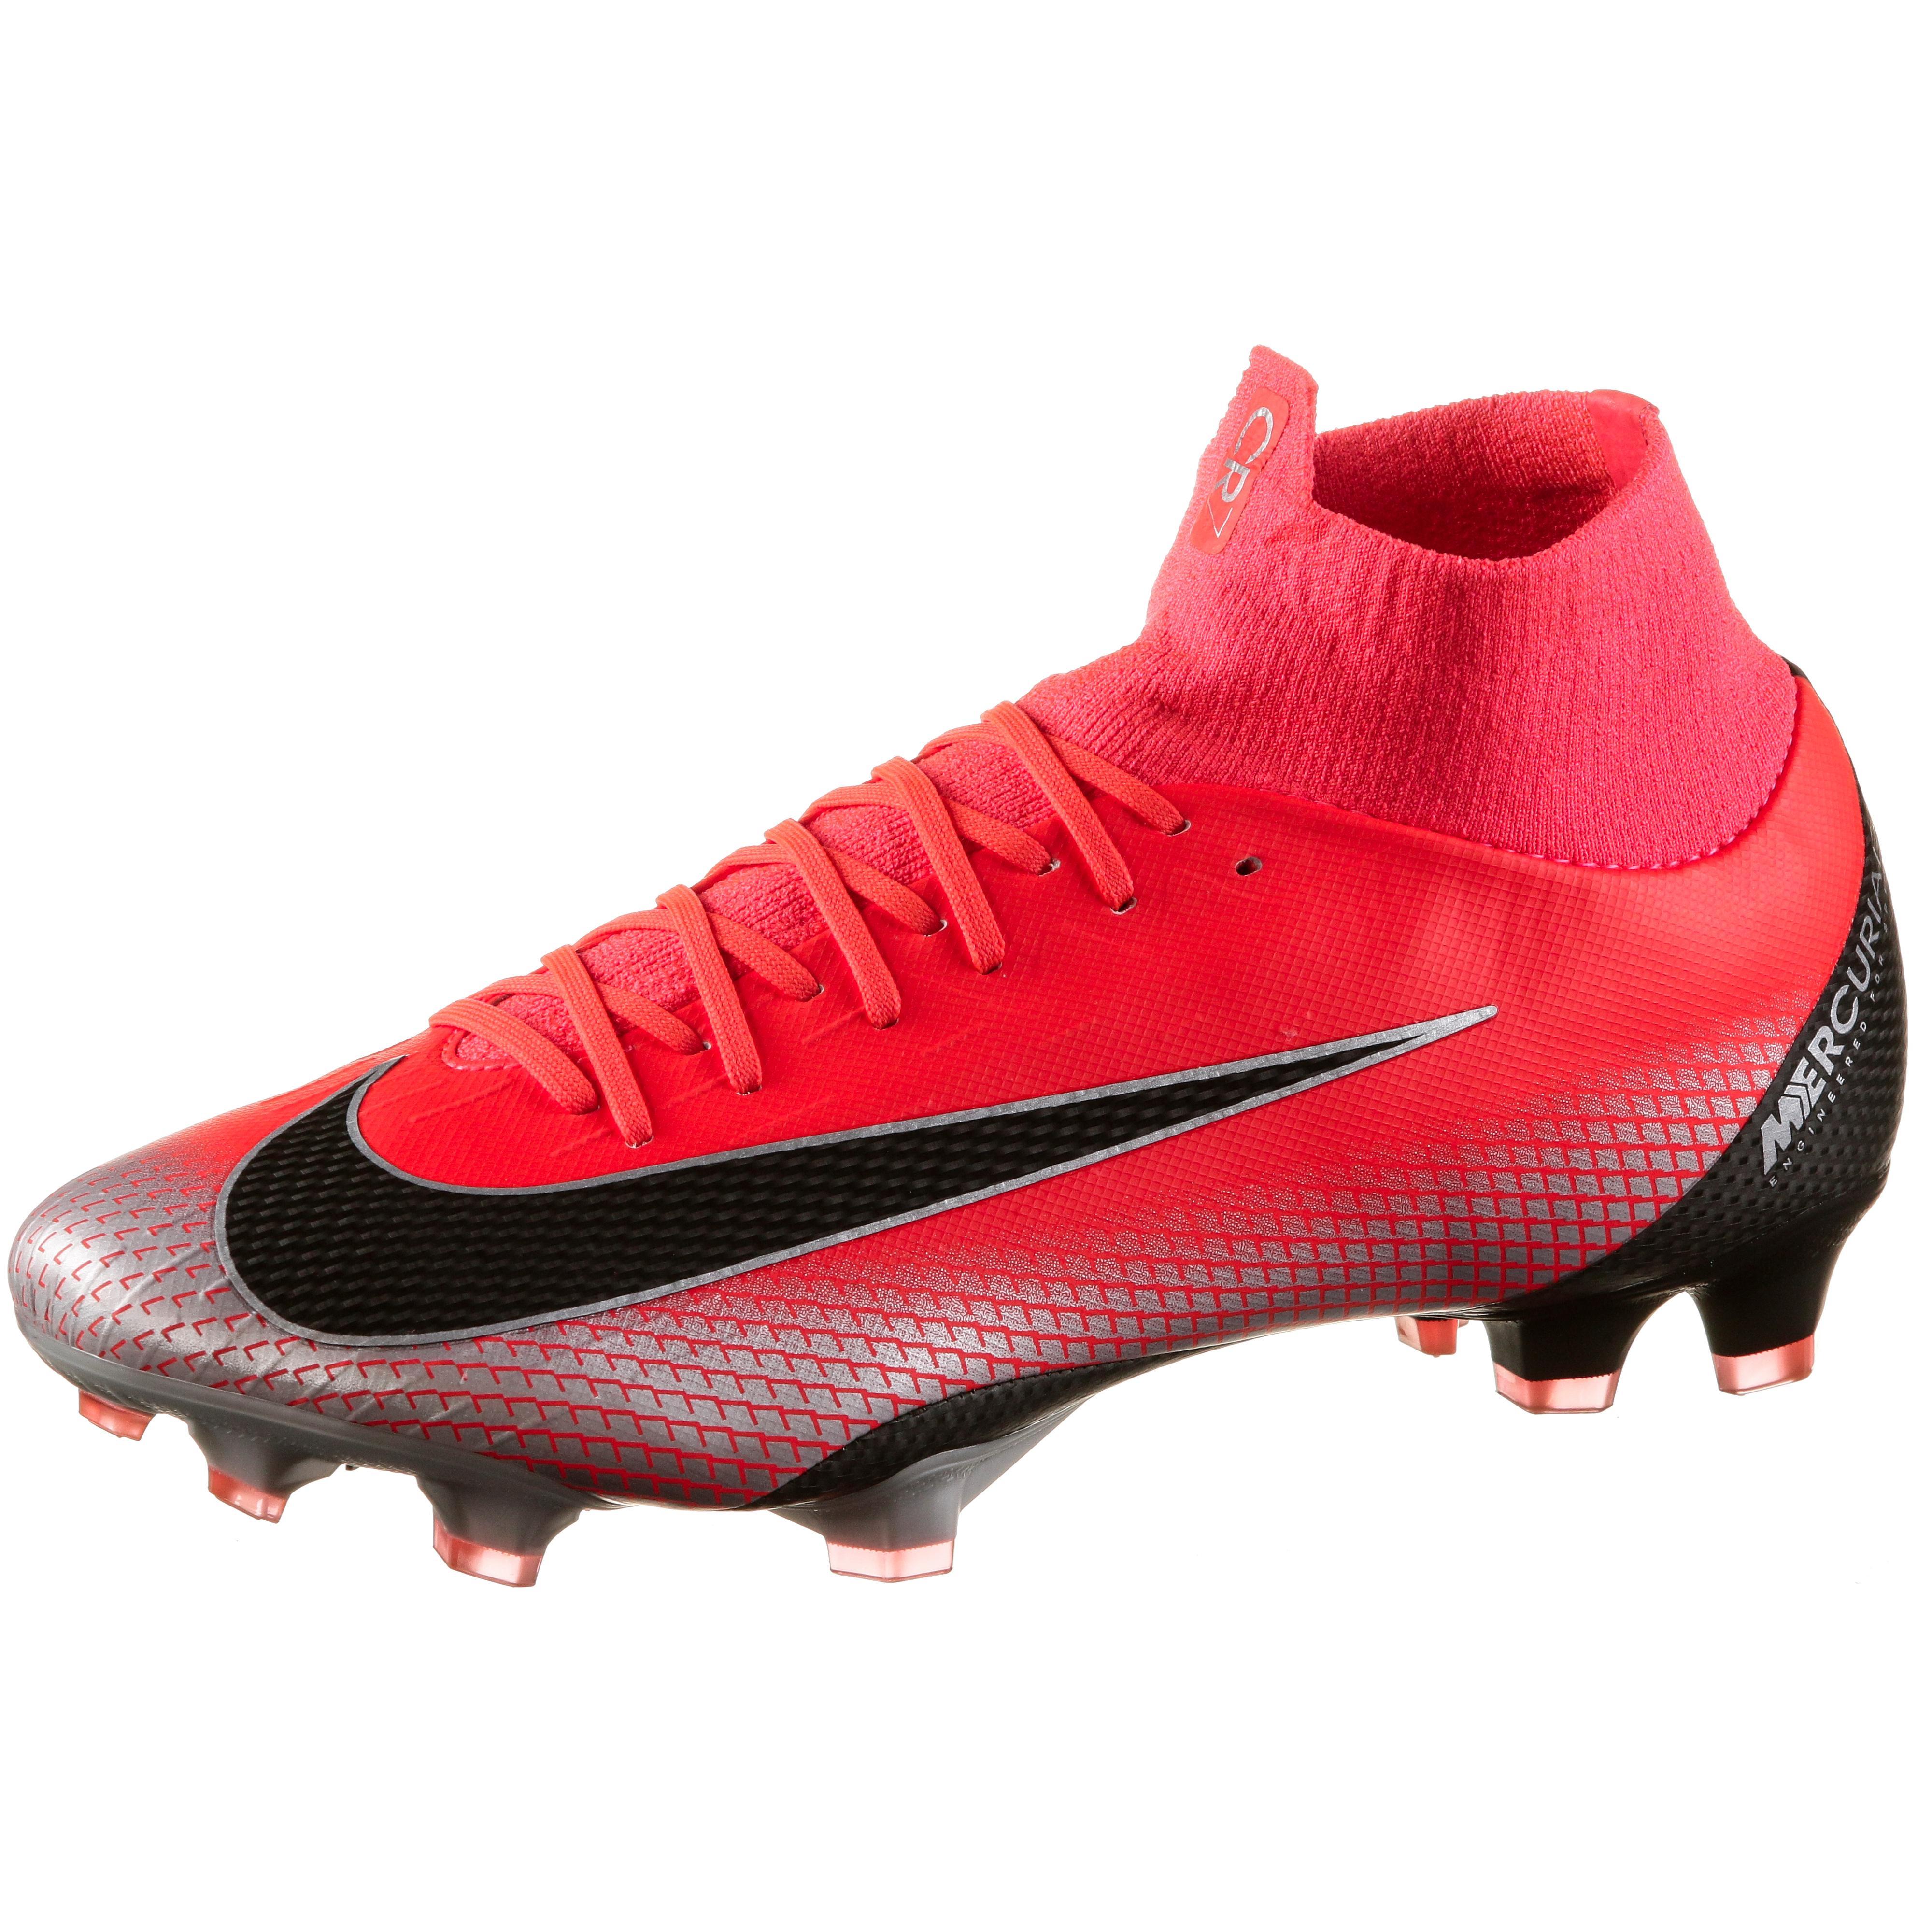 Nike Nike Nike MERCURIAL SUPERFLY 6 PRO CR7 FG Fußballschuhe brt crimson-schwarz-chrome-dk grau im Online Shop von SportScheck kaufen Gute Qualität beliebte Schuhe c00df9